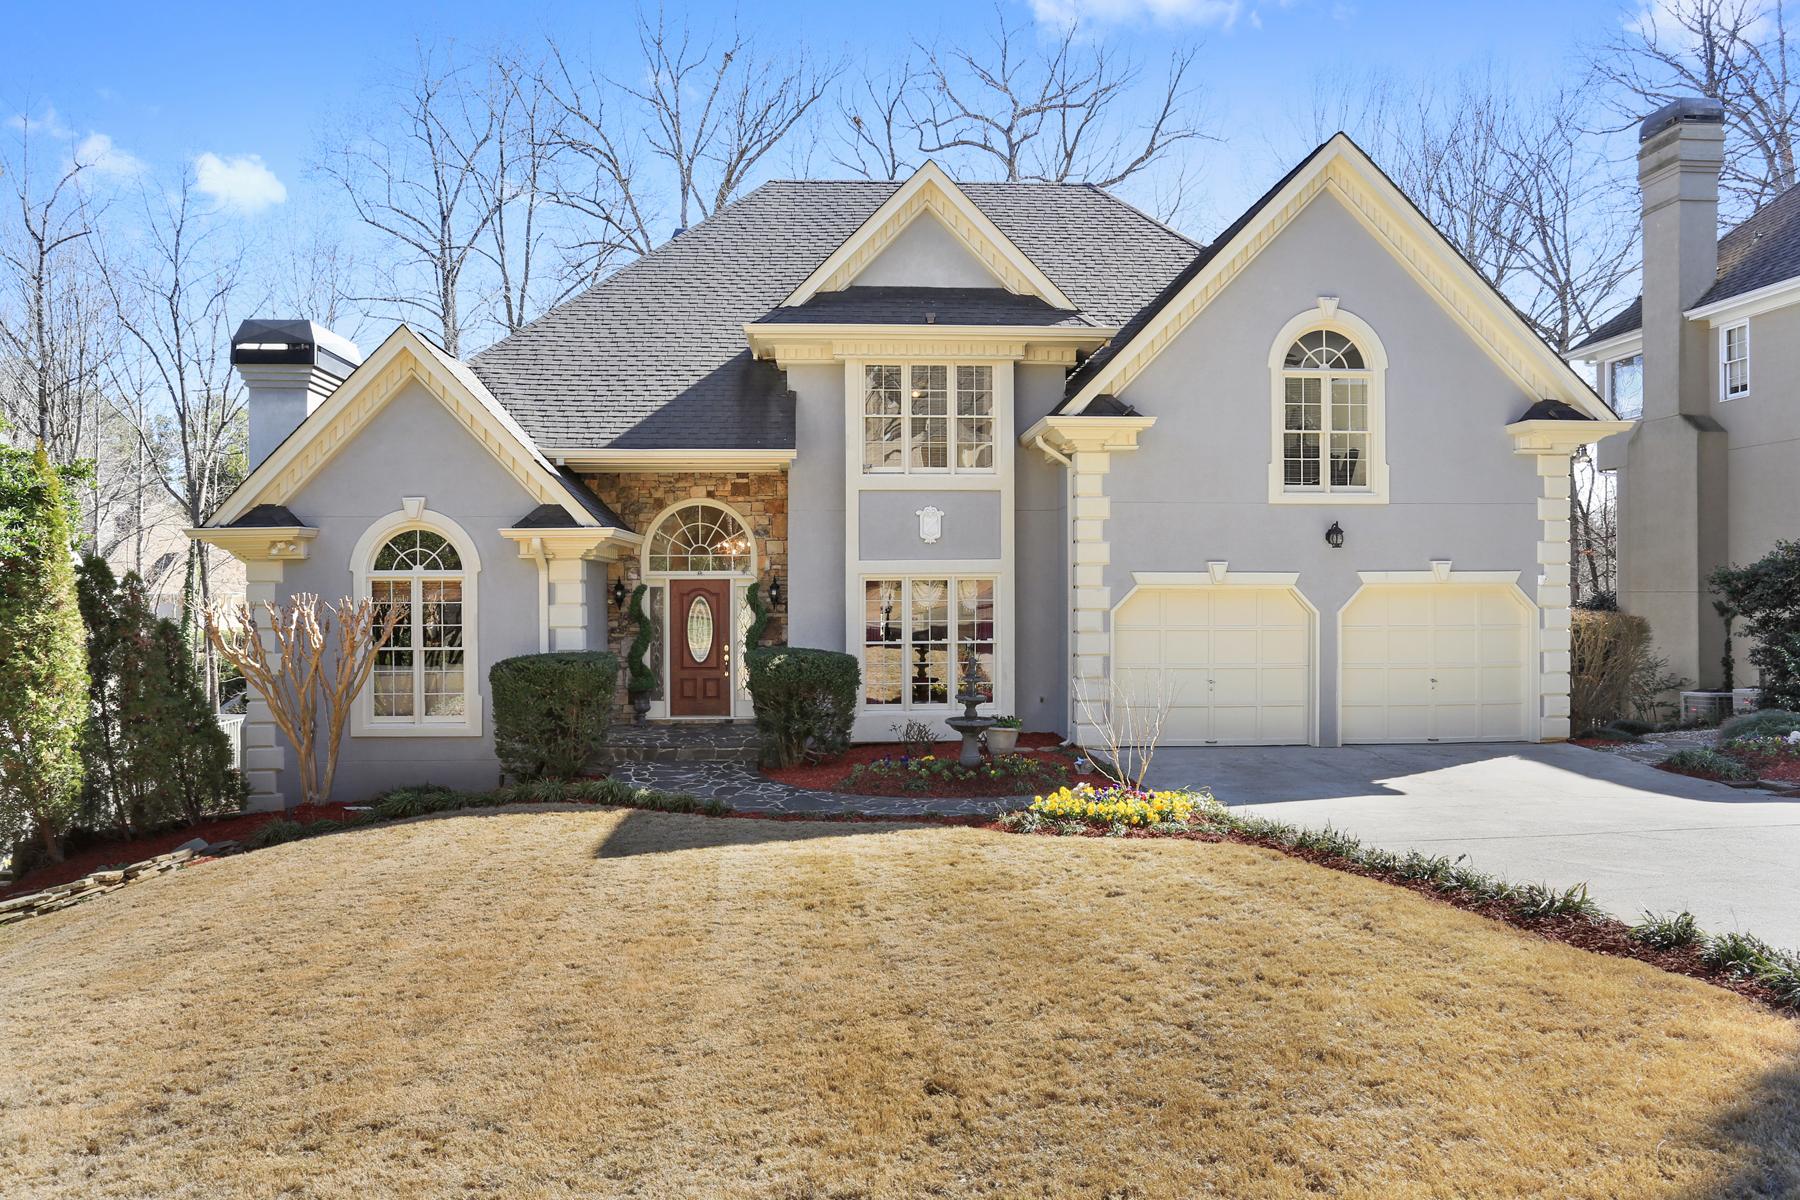 一戸建て のために 売買 アット Picture Perfect In Vinings Glen 4271 Ridgehurst Drive SE Smyrna, ジョージア, 30080 アメリカ合衆国